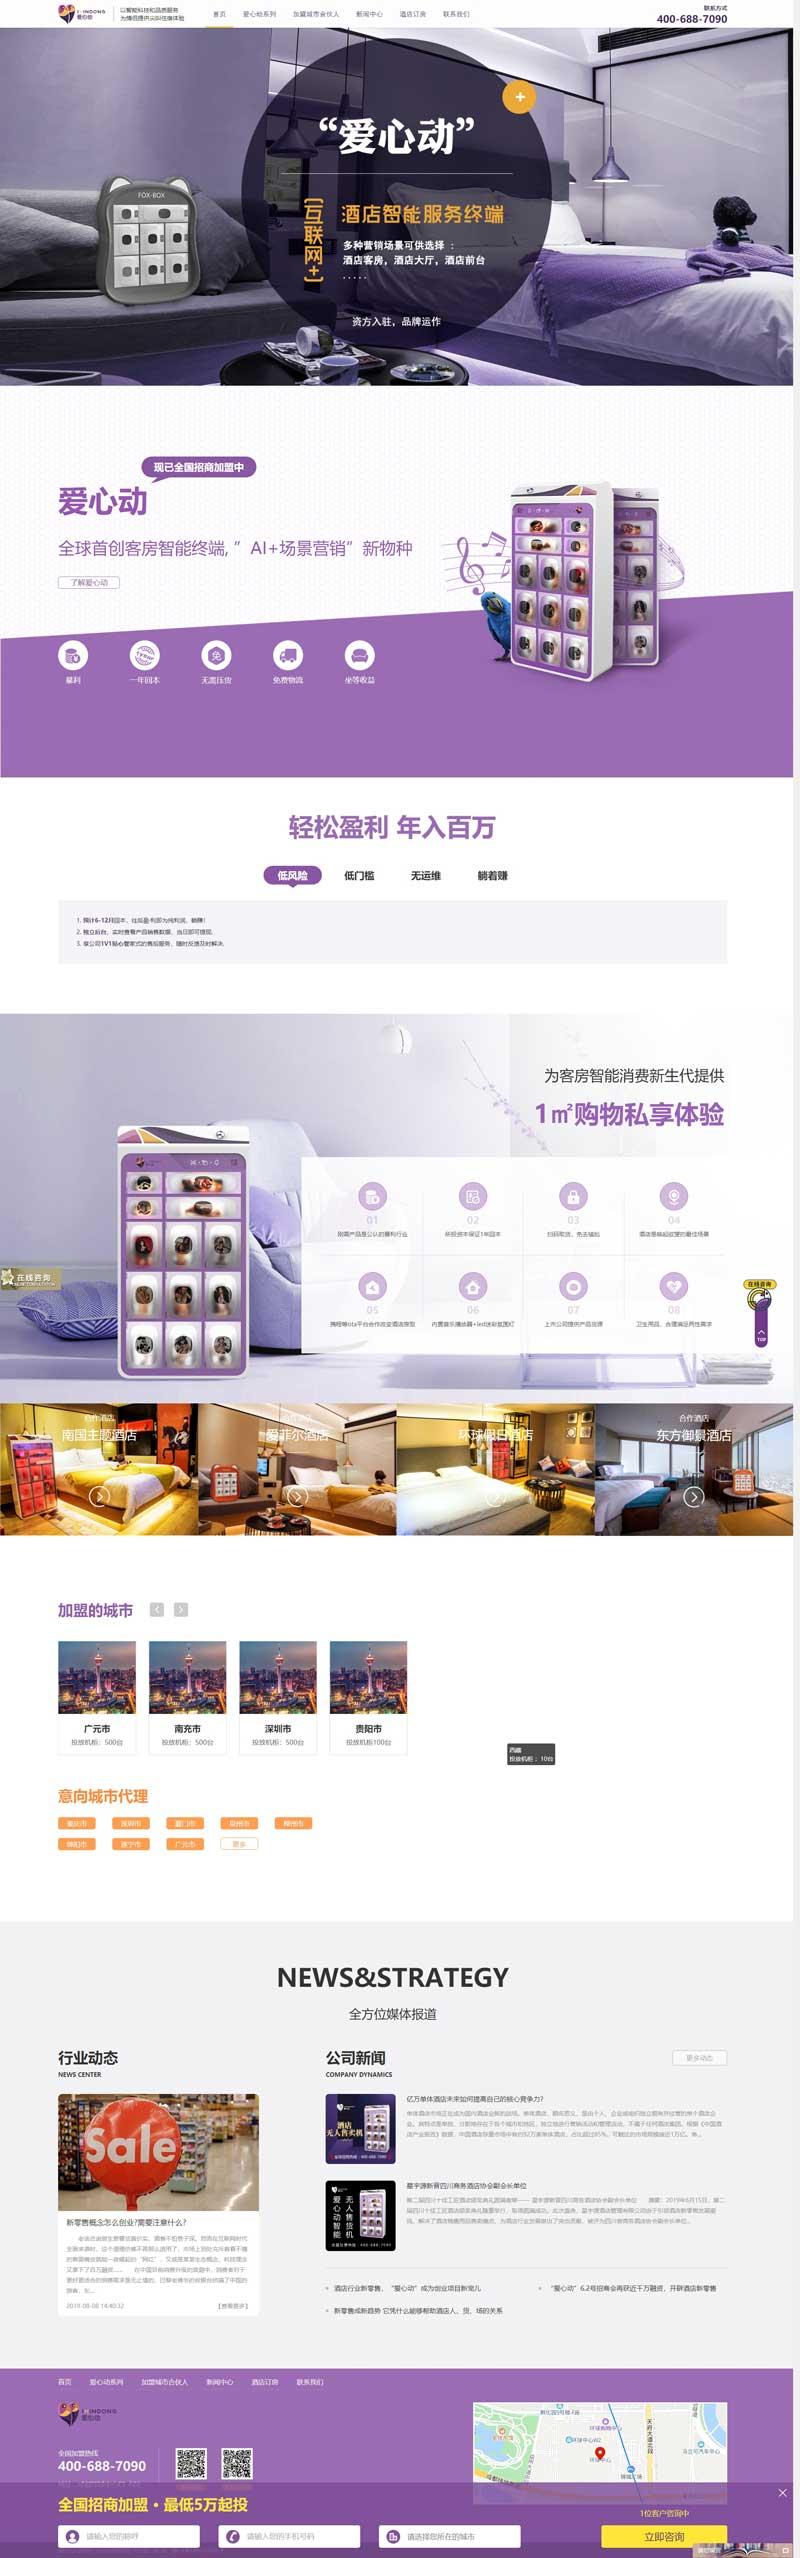 酒店无人售货机_自动售货机加盟-兴玖盛、爱心动.jpg